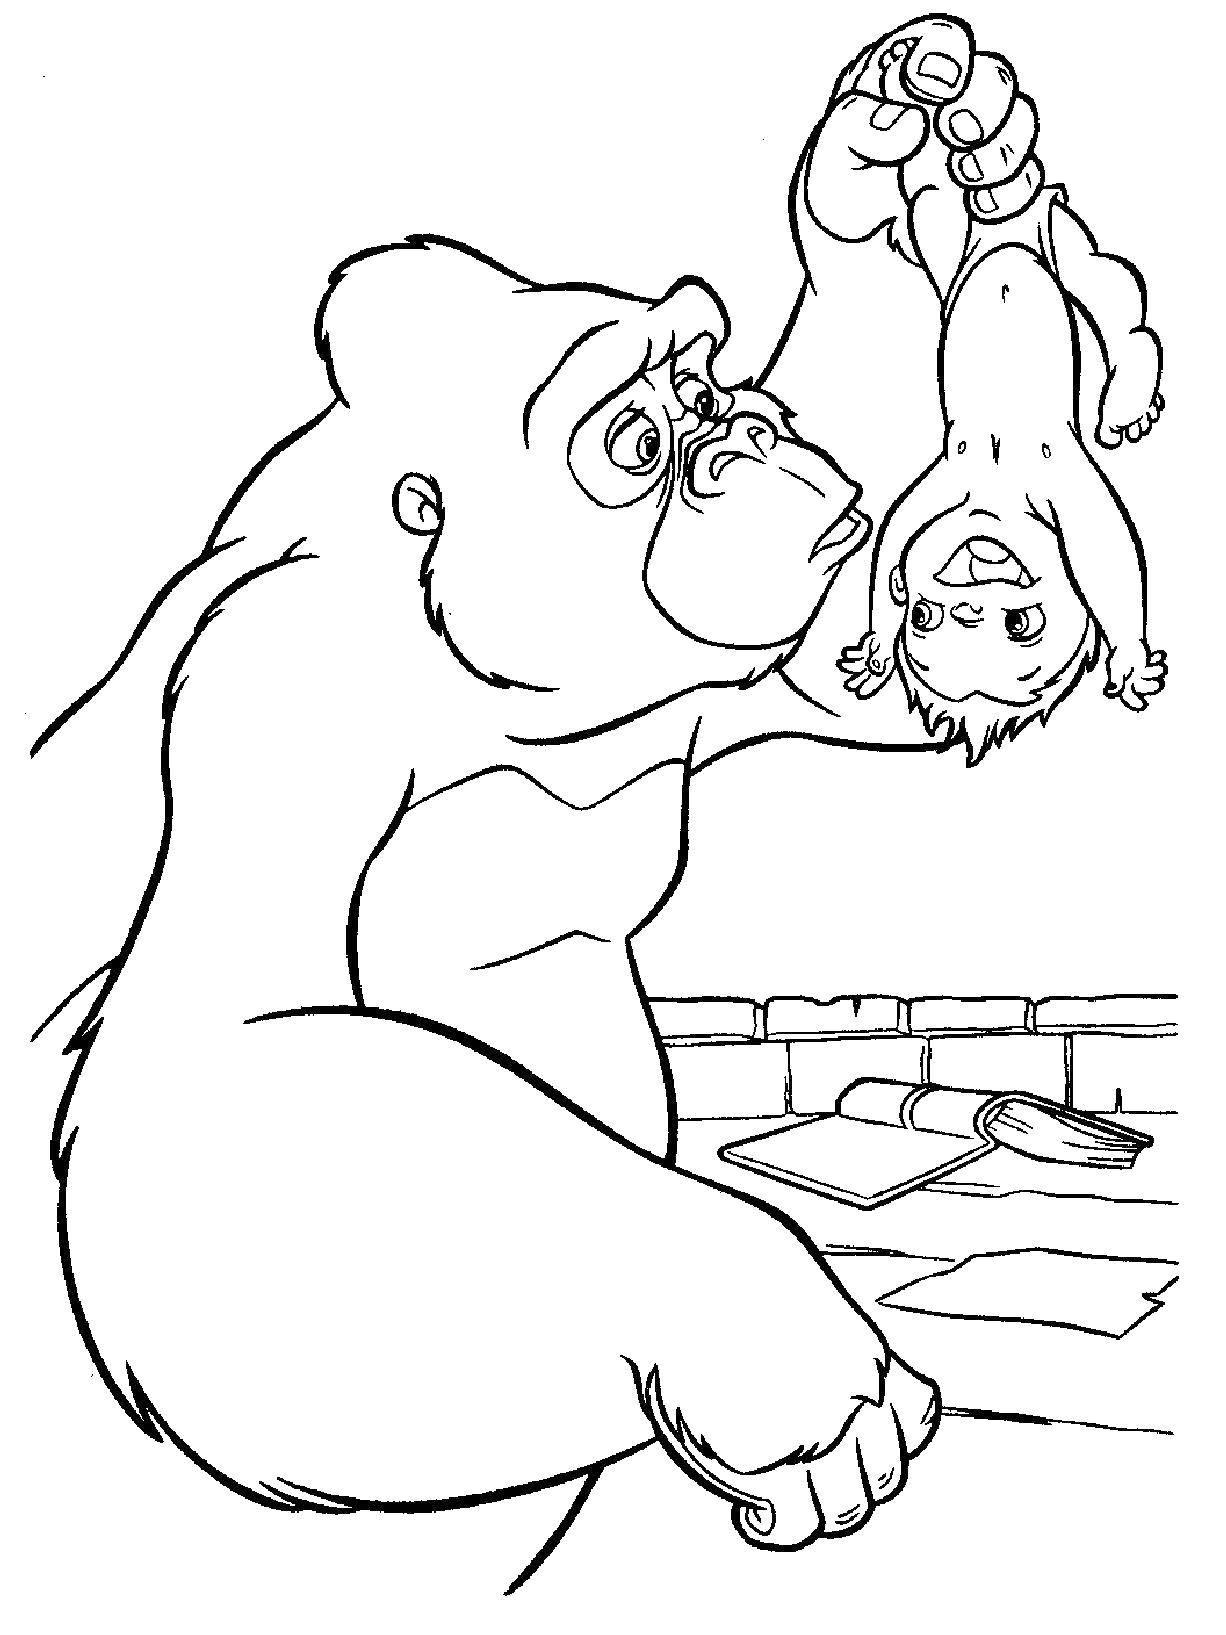 Раскраска Горилла нашла тразана Скачать ,горилла,тарзан,.  Распечатать